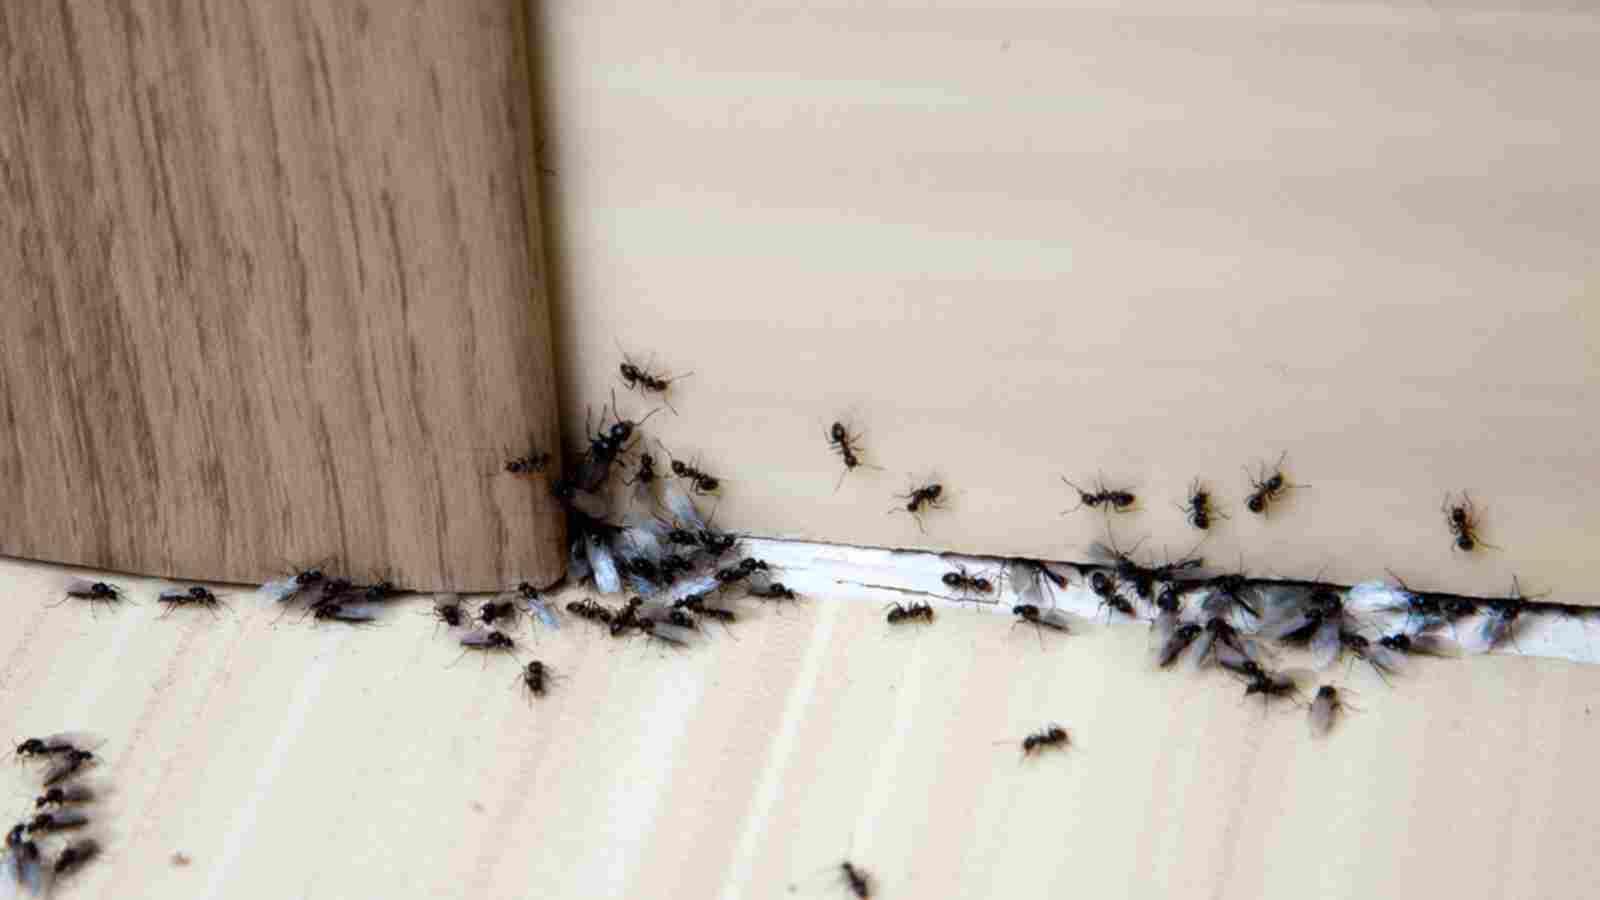 إجراء البعوض خوخ تكاثر النمل في المنزل Virelaine Org